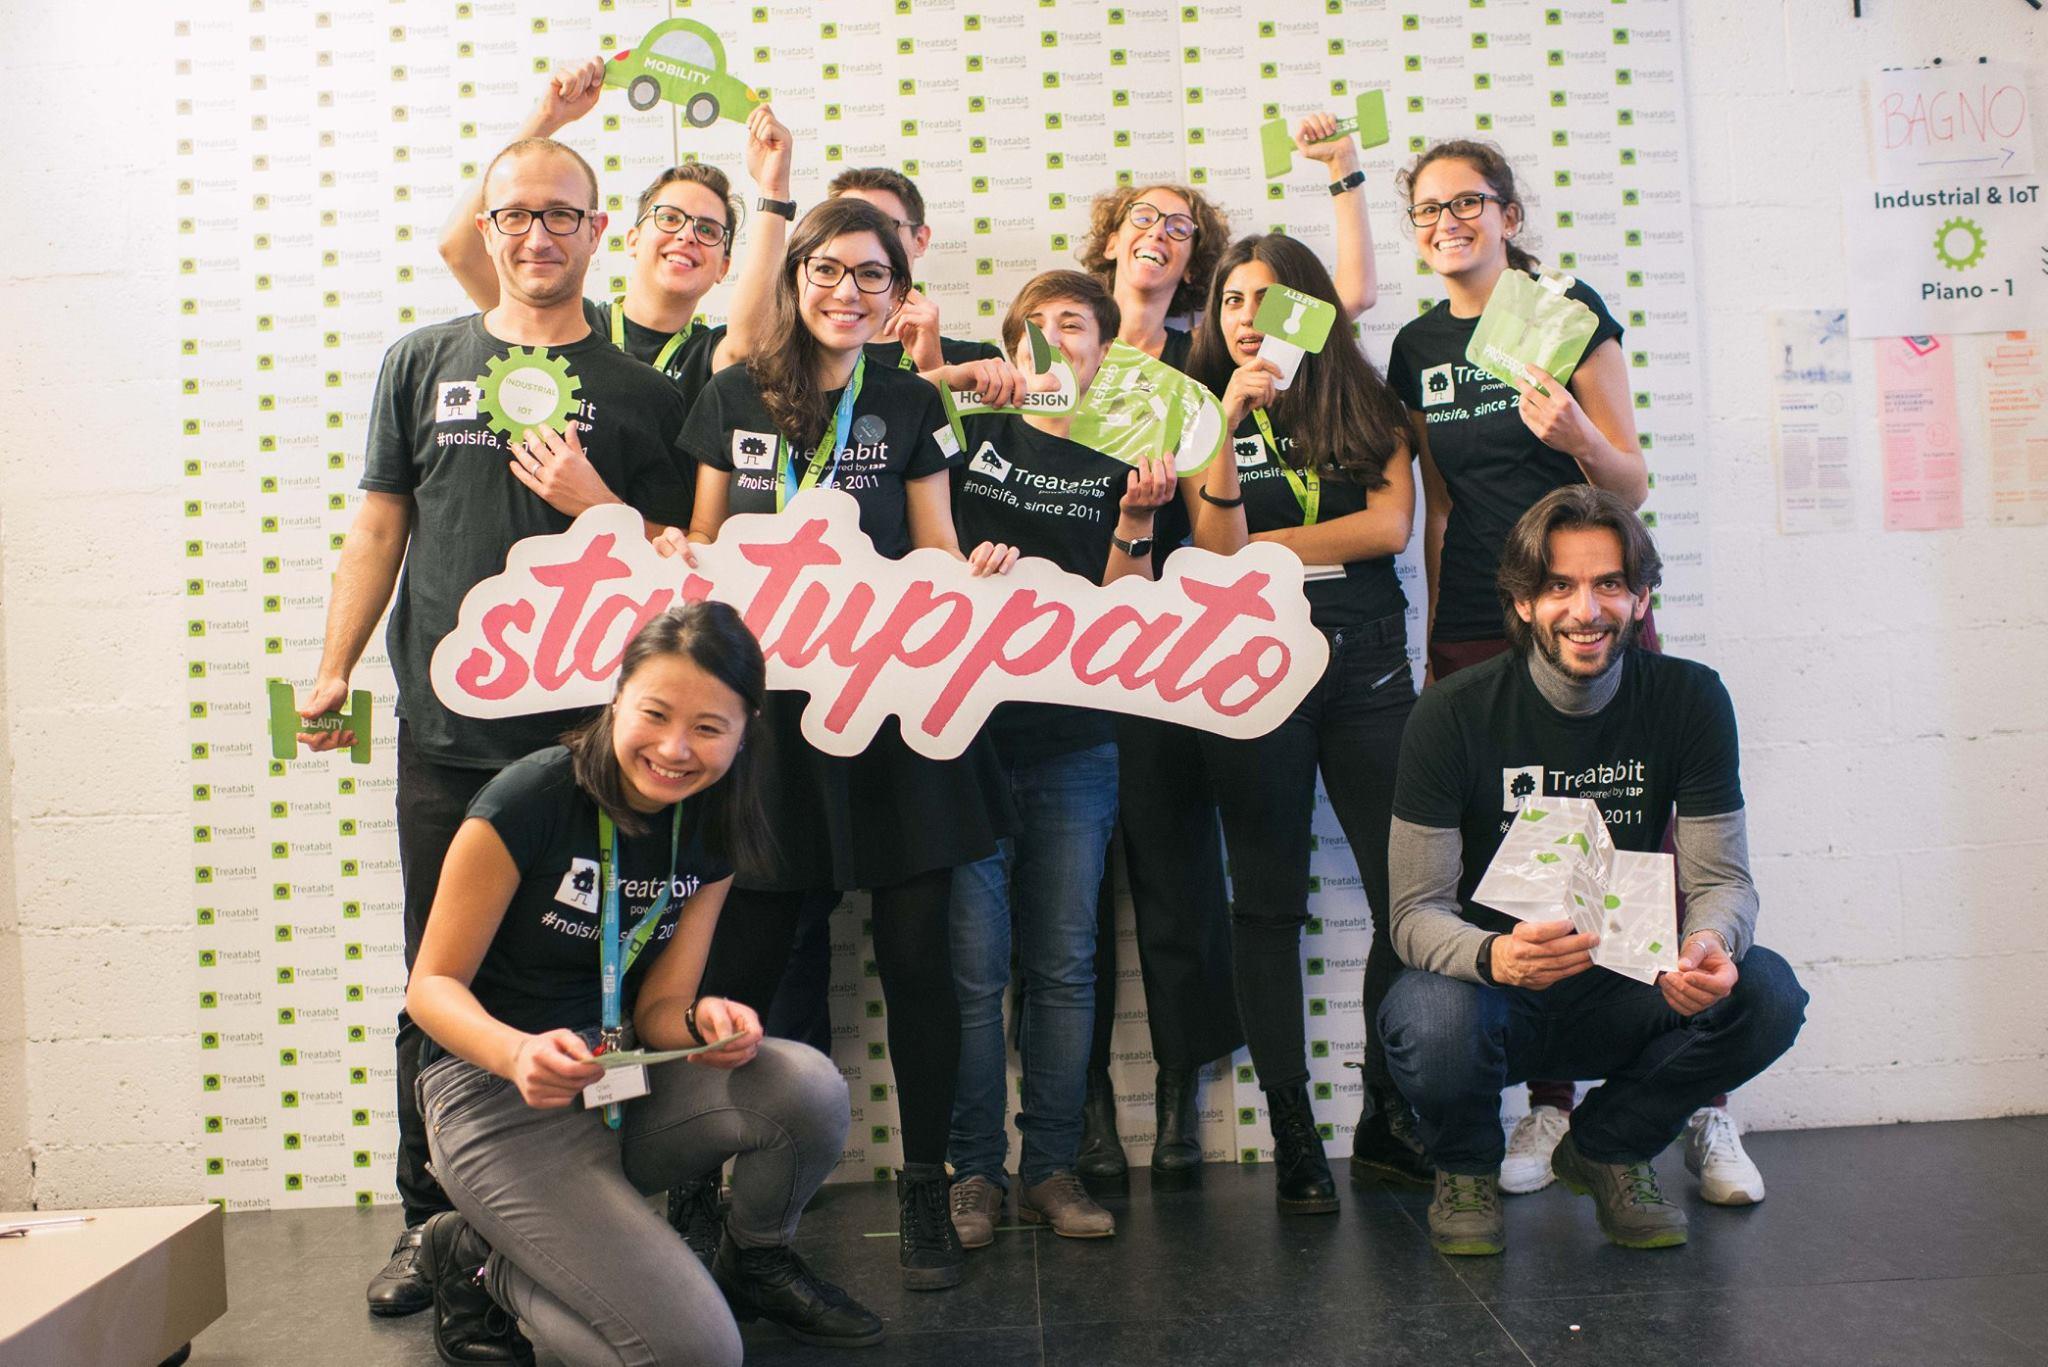 Startuppato l'evento dell'innovazione torinese